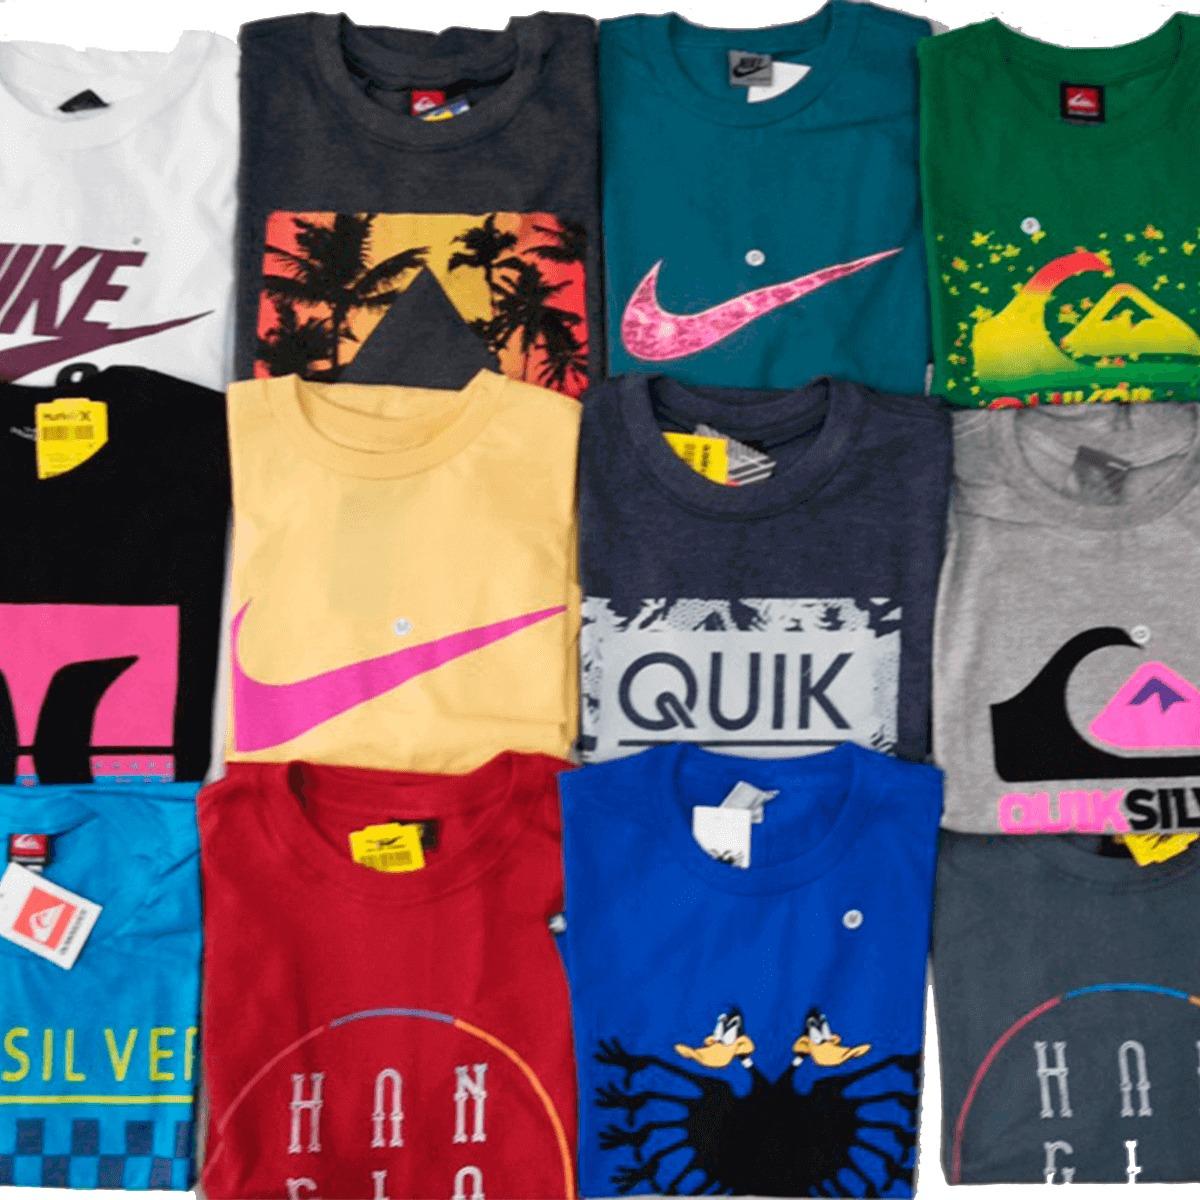 c7c8fd9e58880 Kit 10 Camisas Varias Marcas Famosas Surf Revenda Atacado - R  69,90 em  Mercado Livre